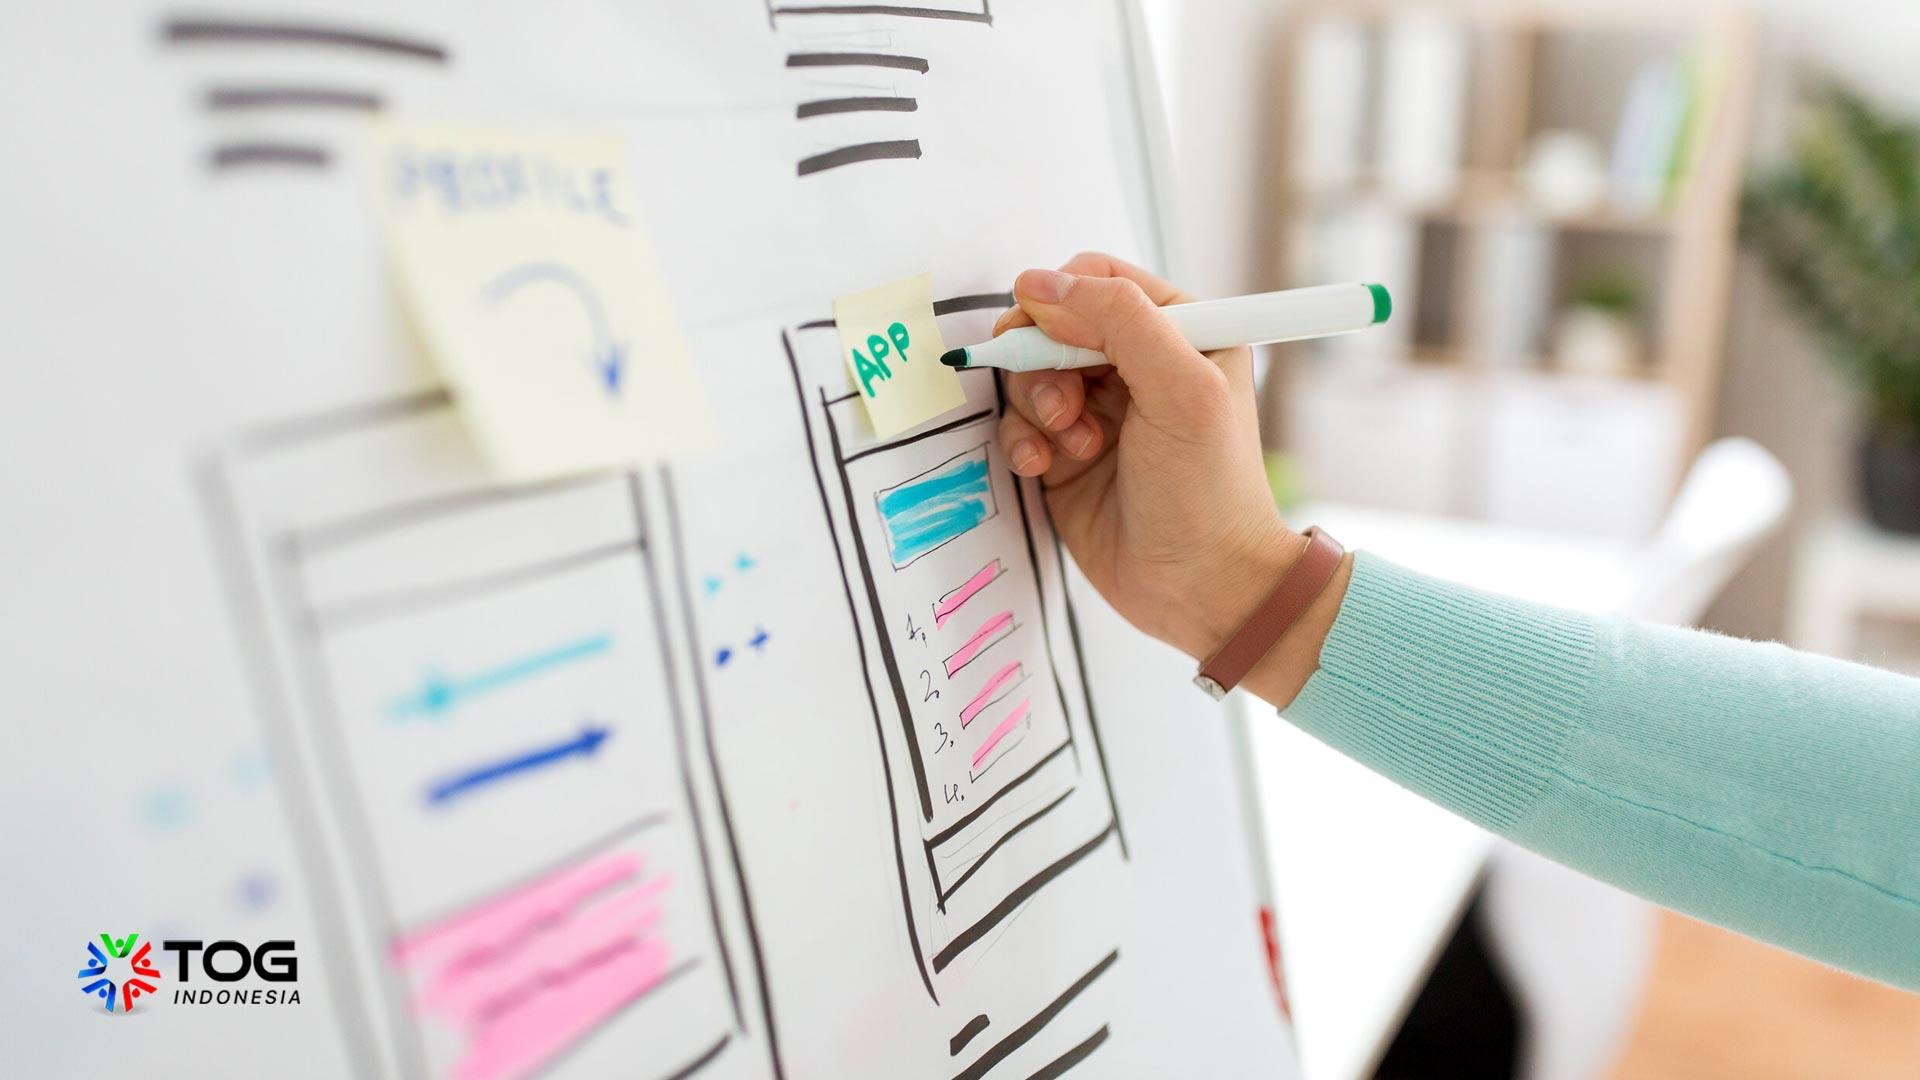 Ingin Jadi UX Writer yang Dicari Perusahaan Besar? Kuasai Skill ini